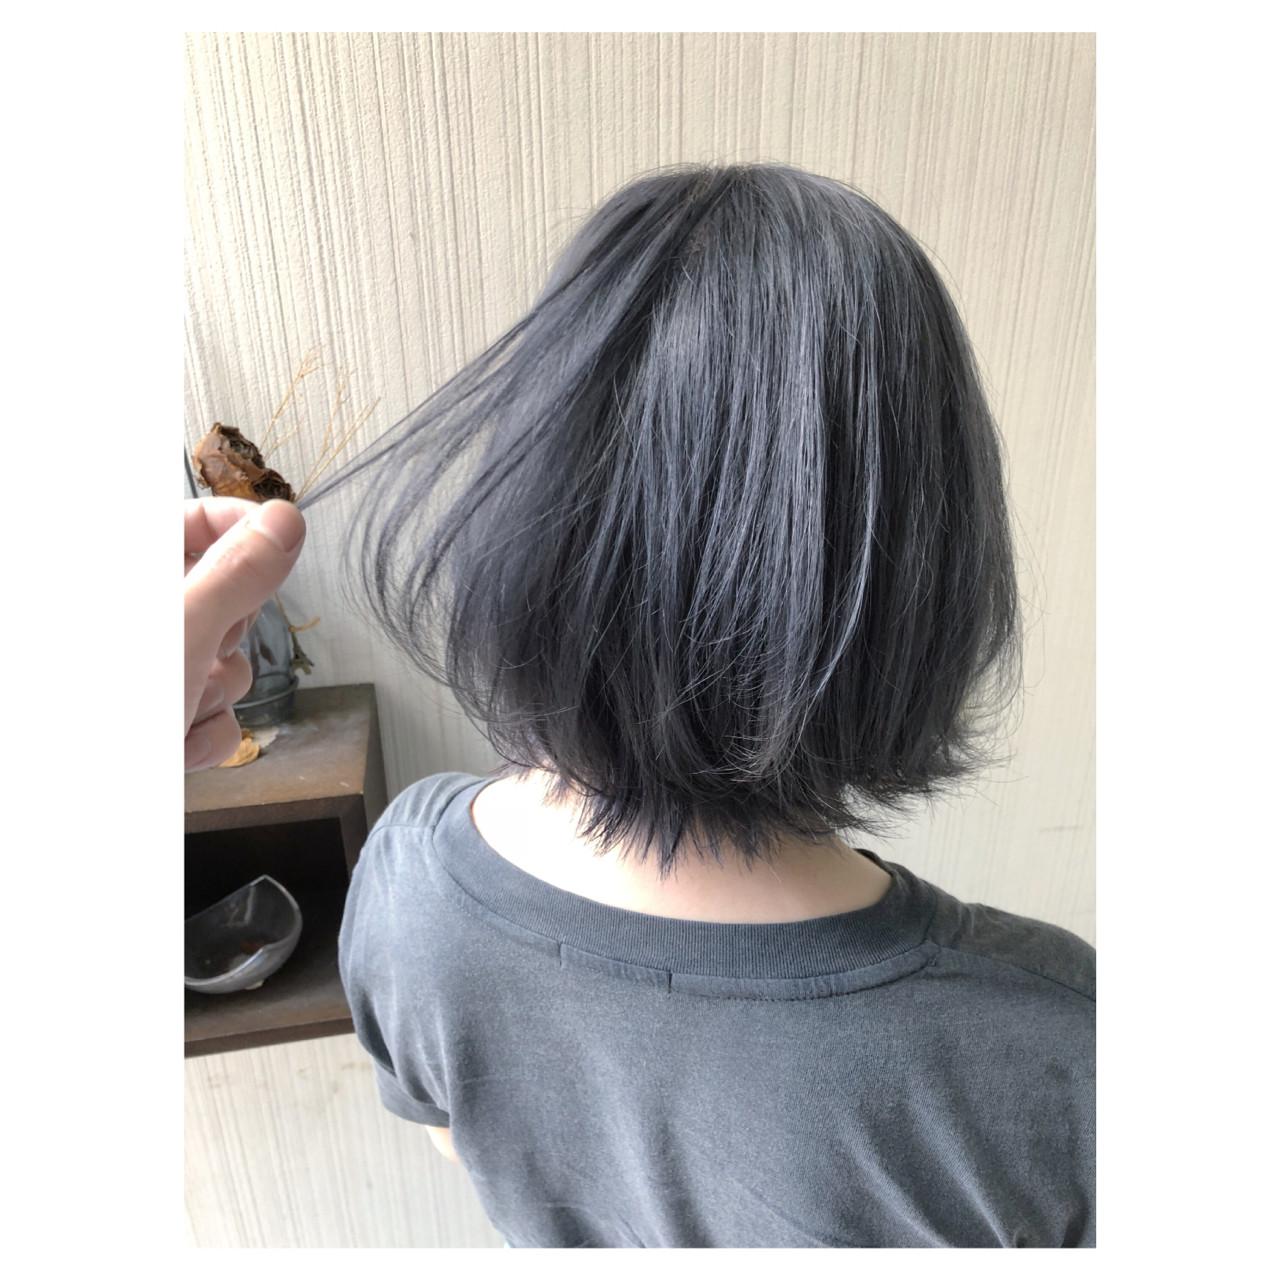 ガーリー アンニュイほつれヘア ブルージュ グレージュ ヘアスタイルや髪型の写真・画像 | クラ / TOMCAT